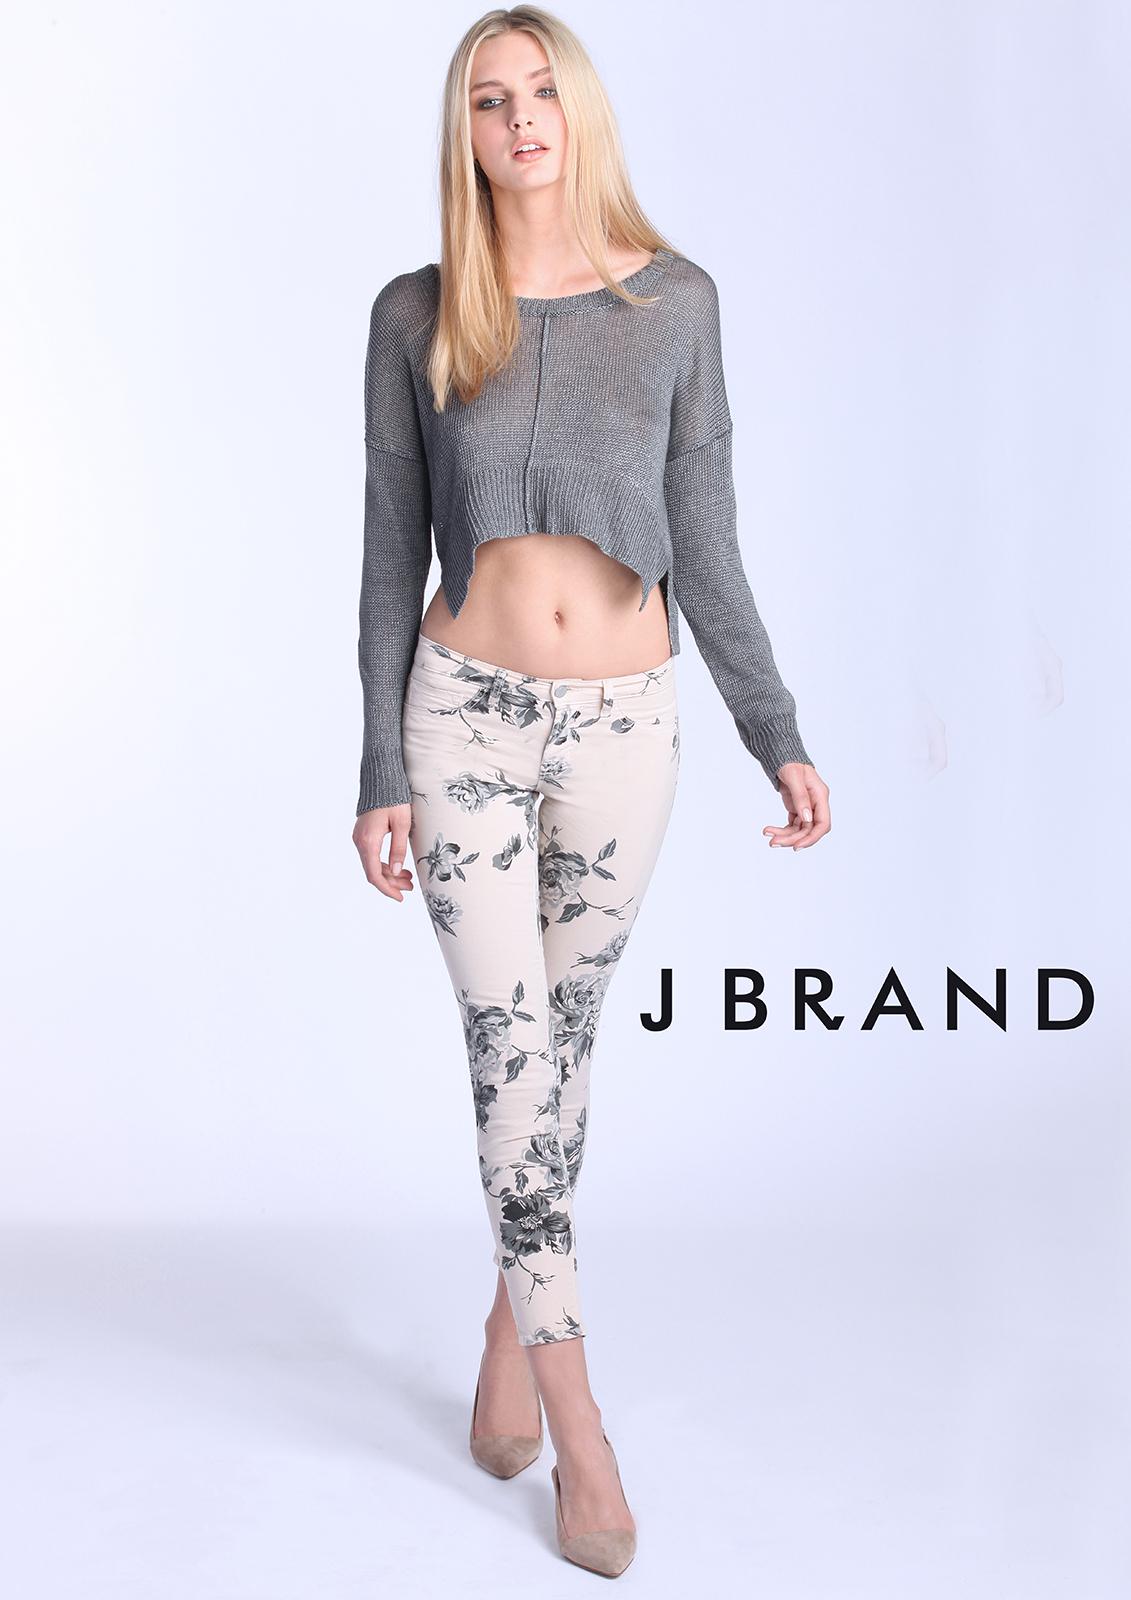 Jbrand 02